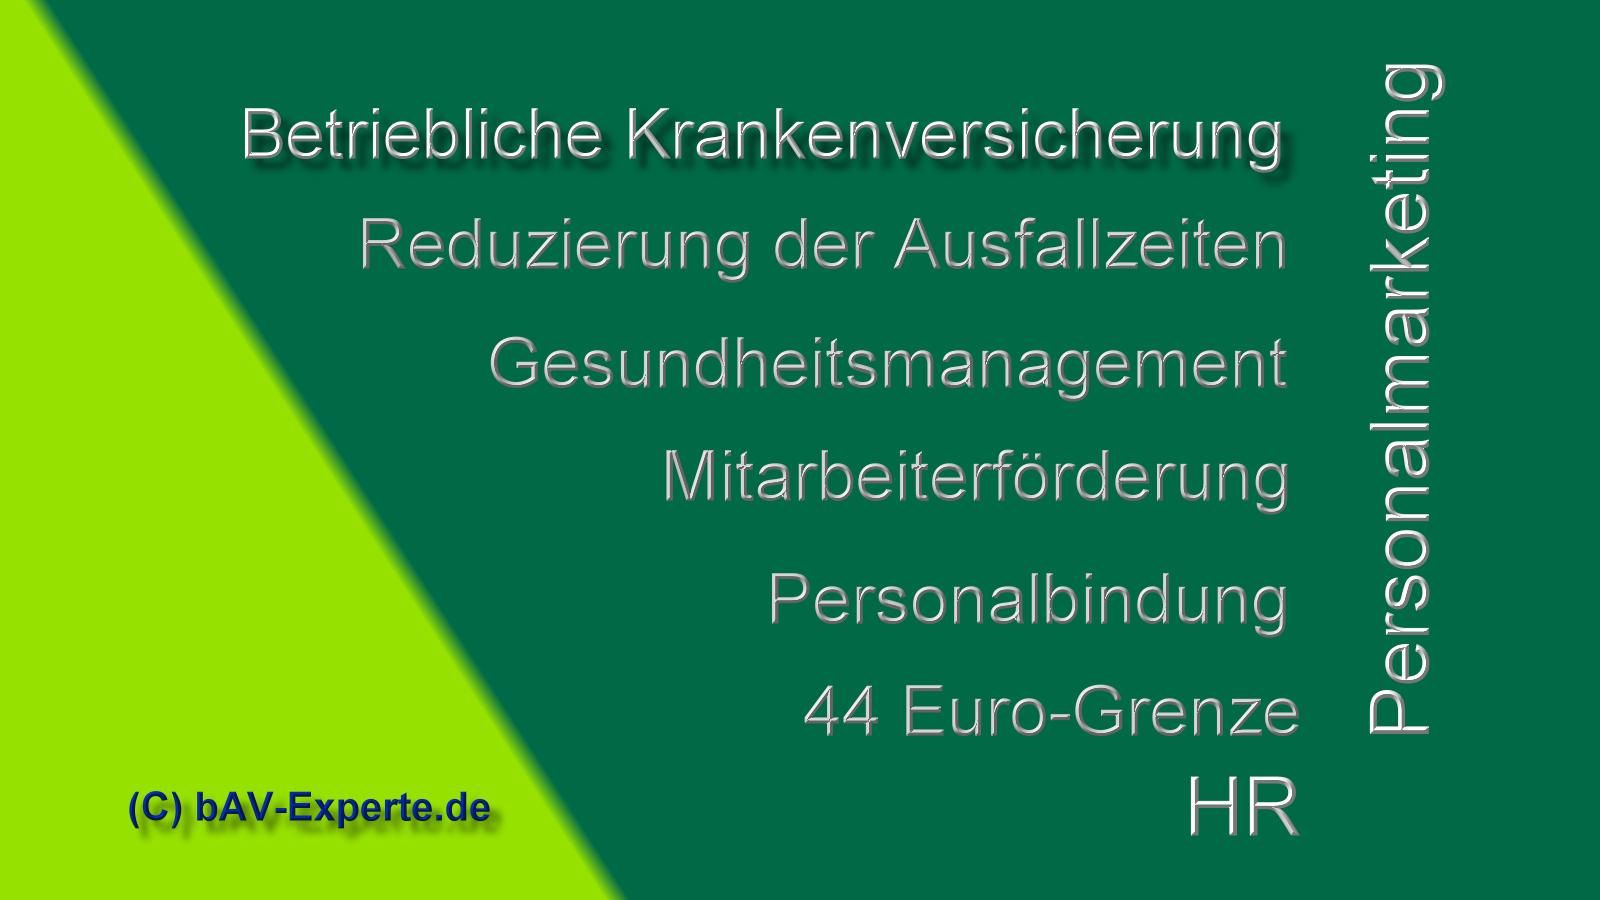 Betriebliche Krankenversicherung bAV-Experte.de